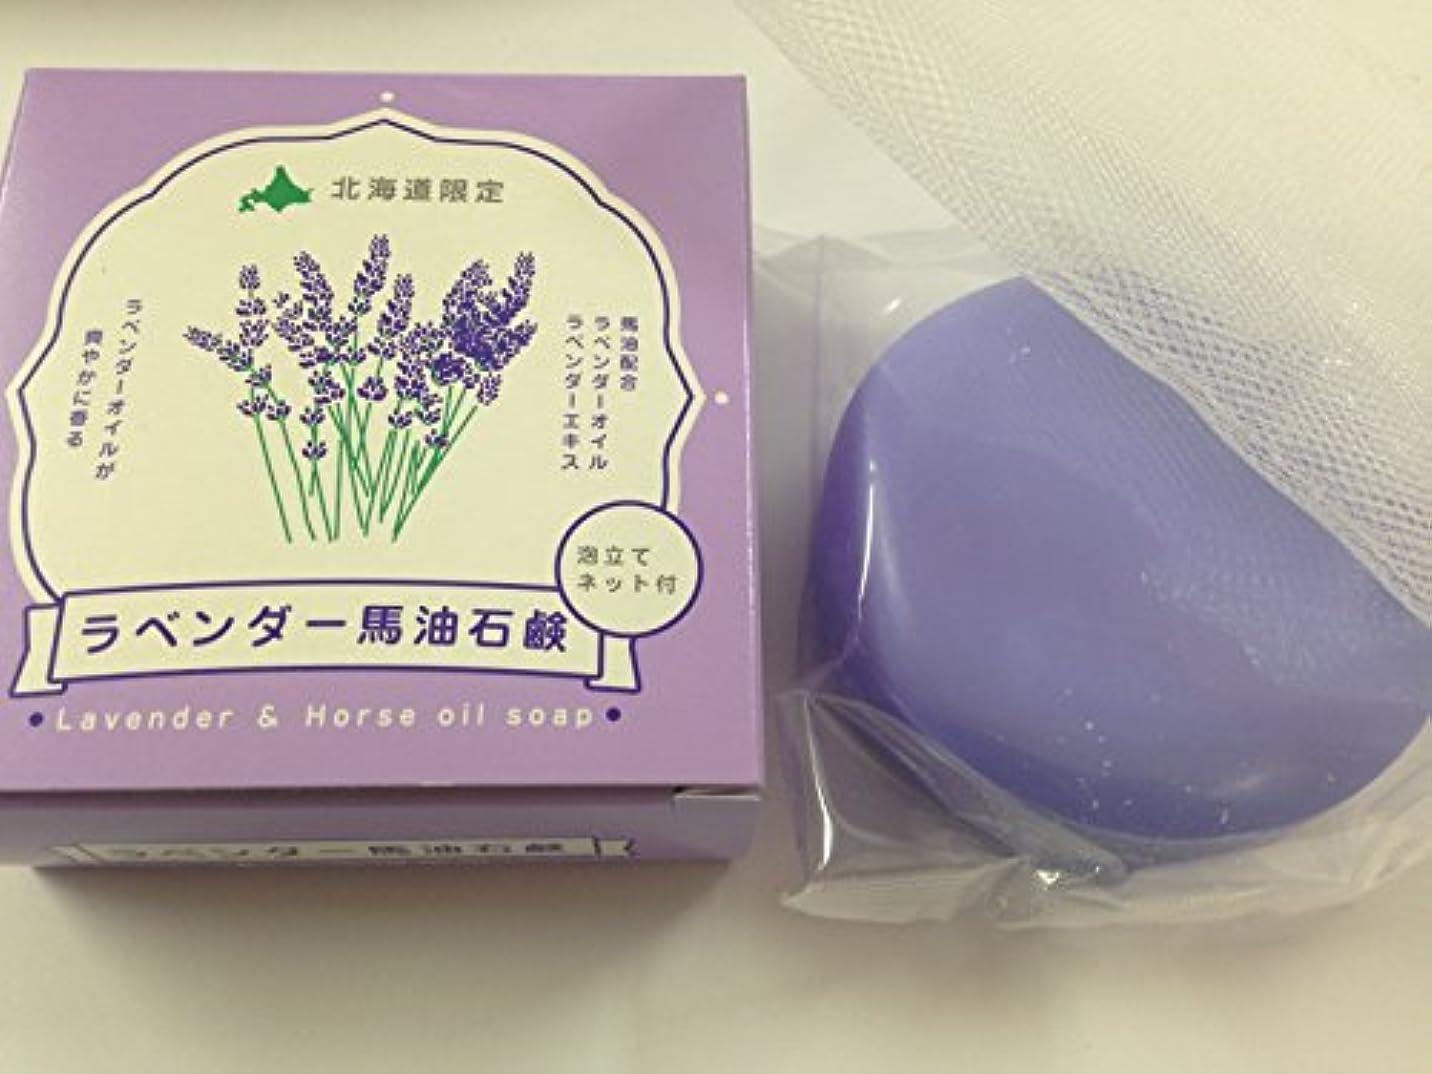 状首尾一貫したリラックスしたラベンダー馬油石けん?泡立てネット付き 100g ?Lavender & Horse oil Soap